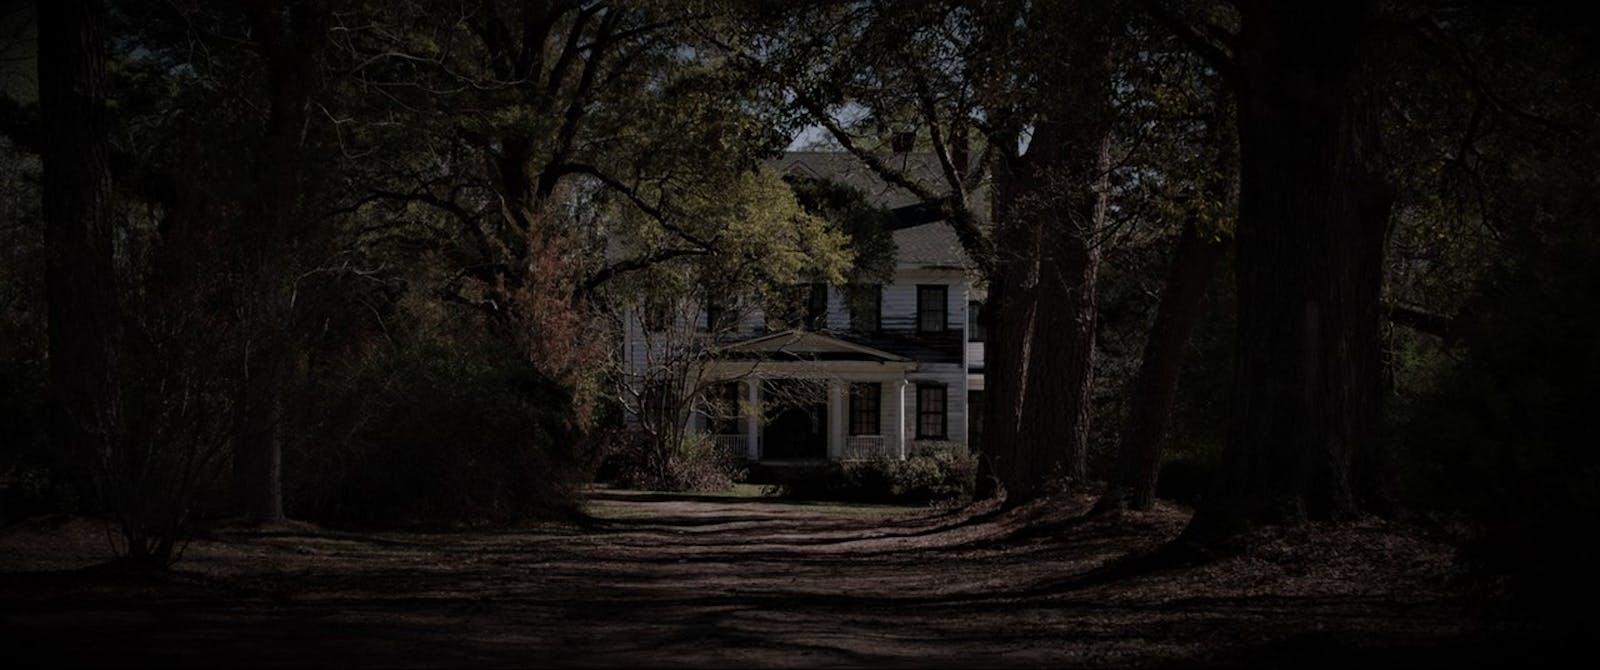 Riktiga spökhus – sanningen bakom dem